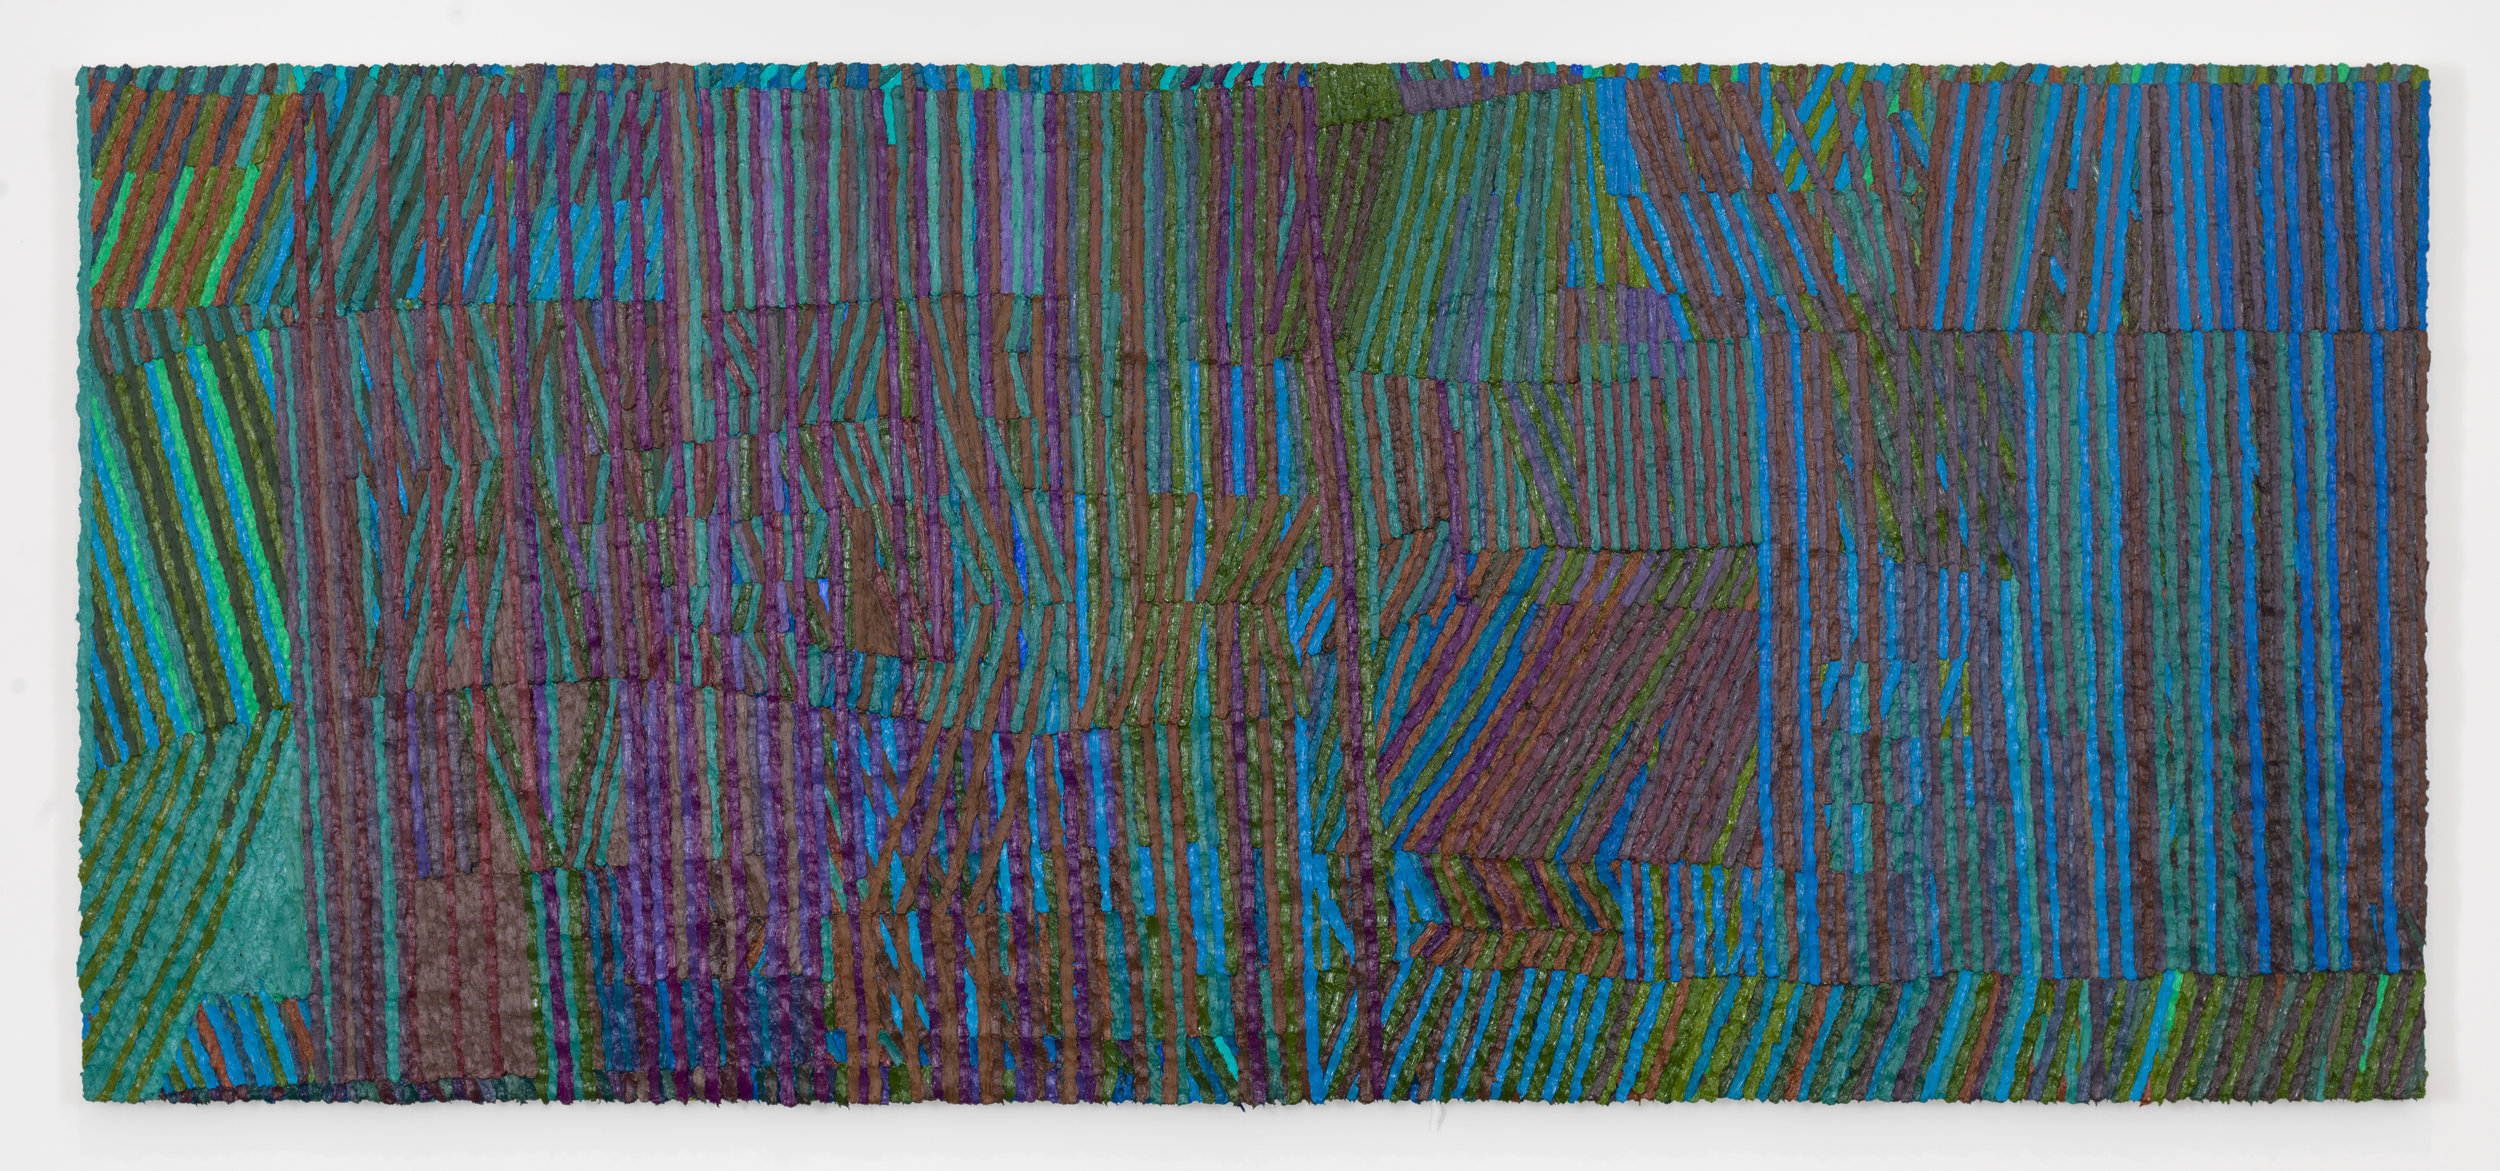 Aquarium , 2017-18 Oil on canvas 42 x 94 inches